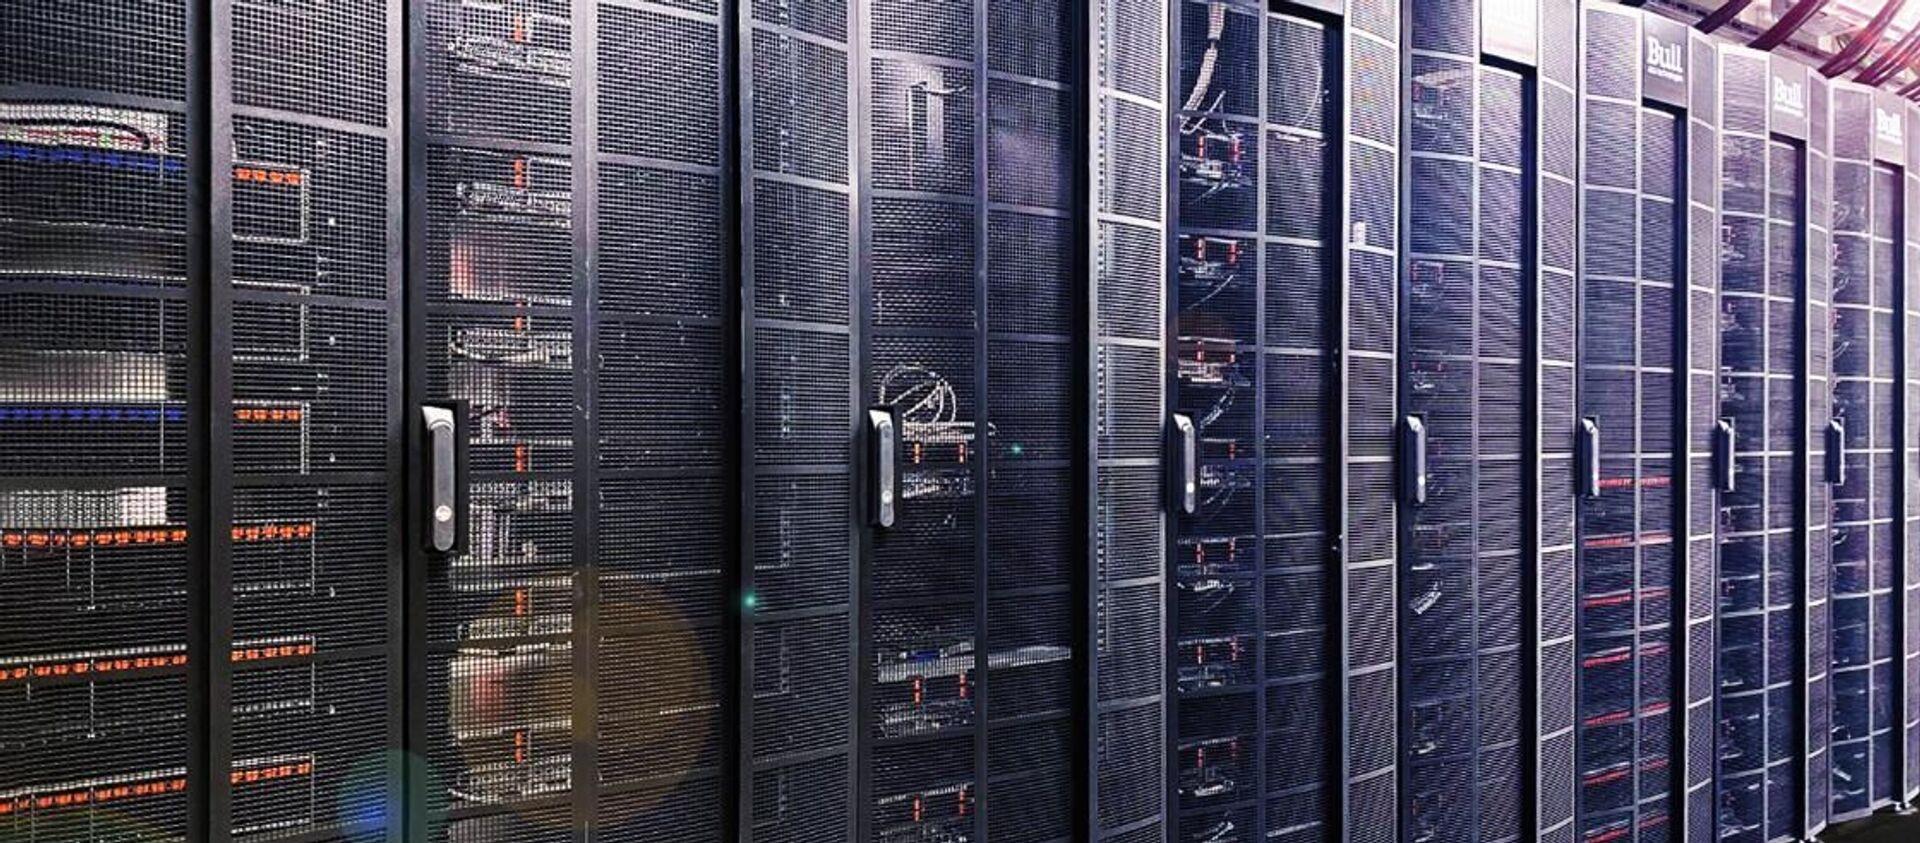 Supercomputer davinci-1 di Leonardo - Sputnik Italia, 1920, 02.12.2020